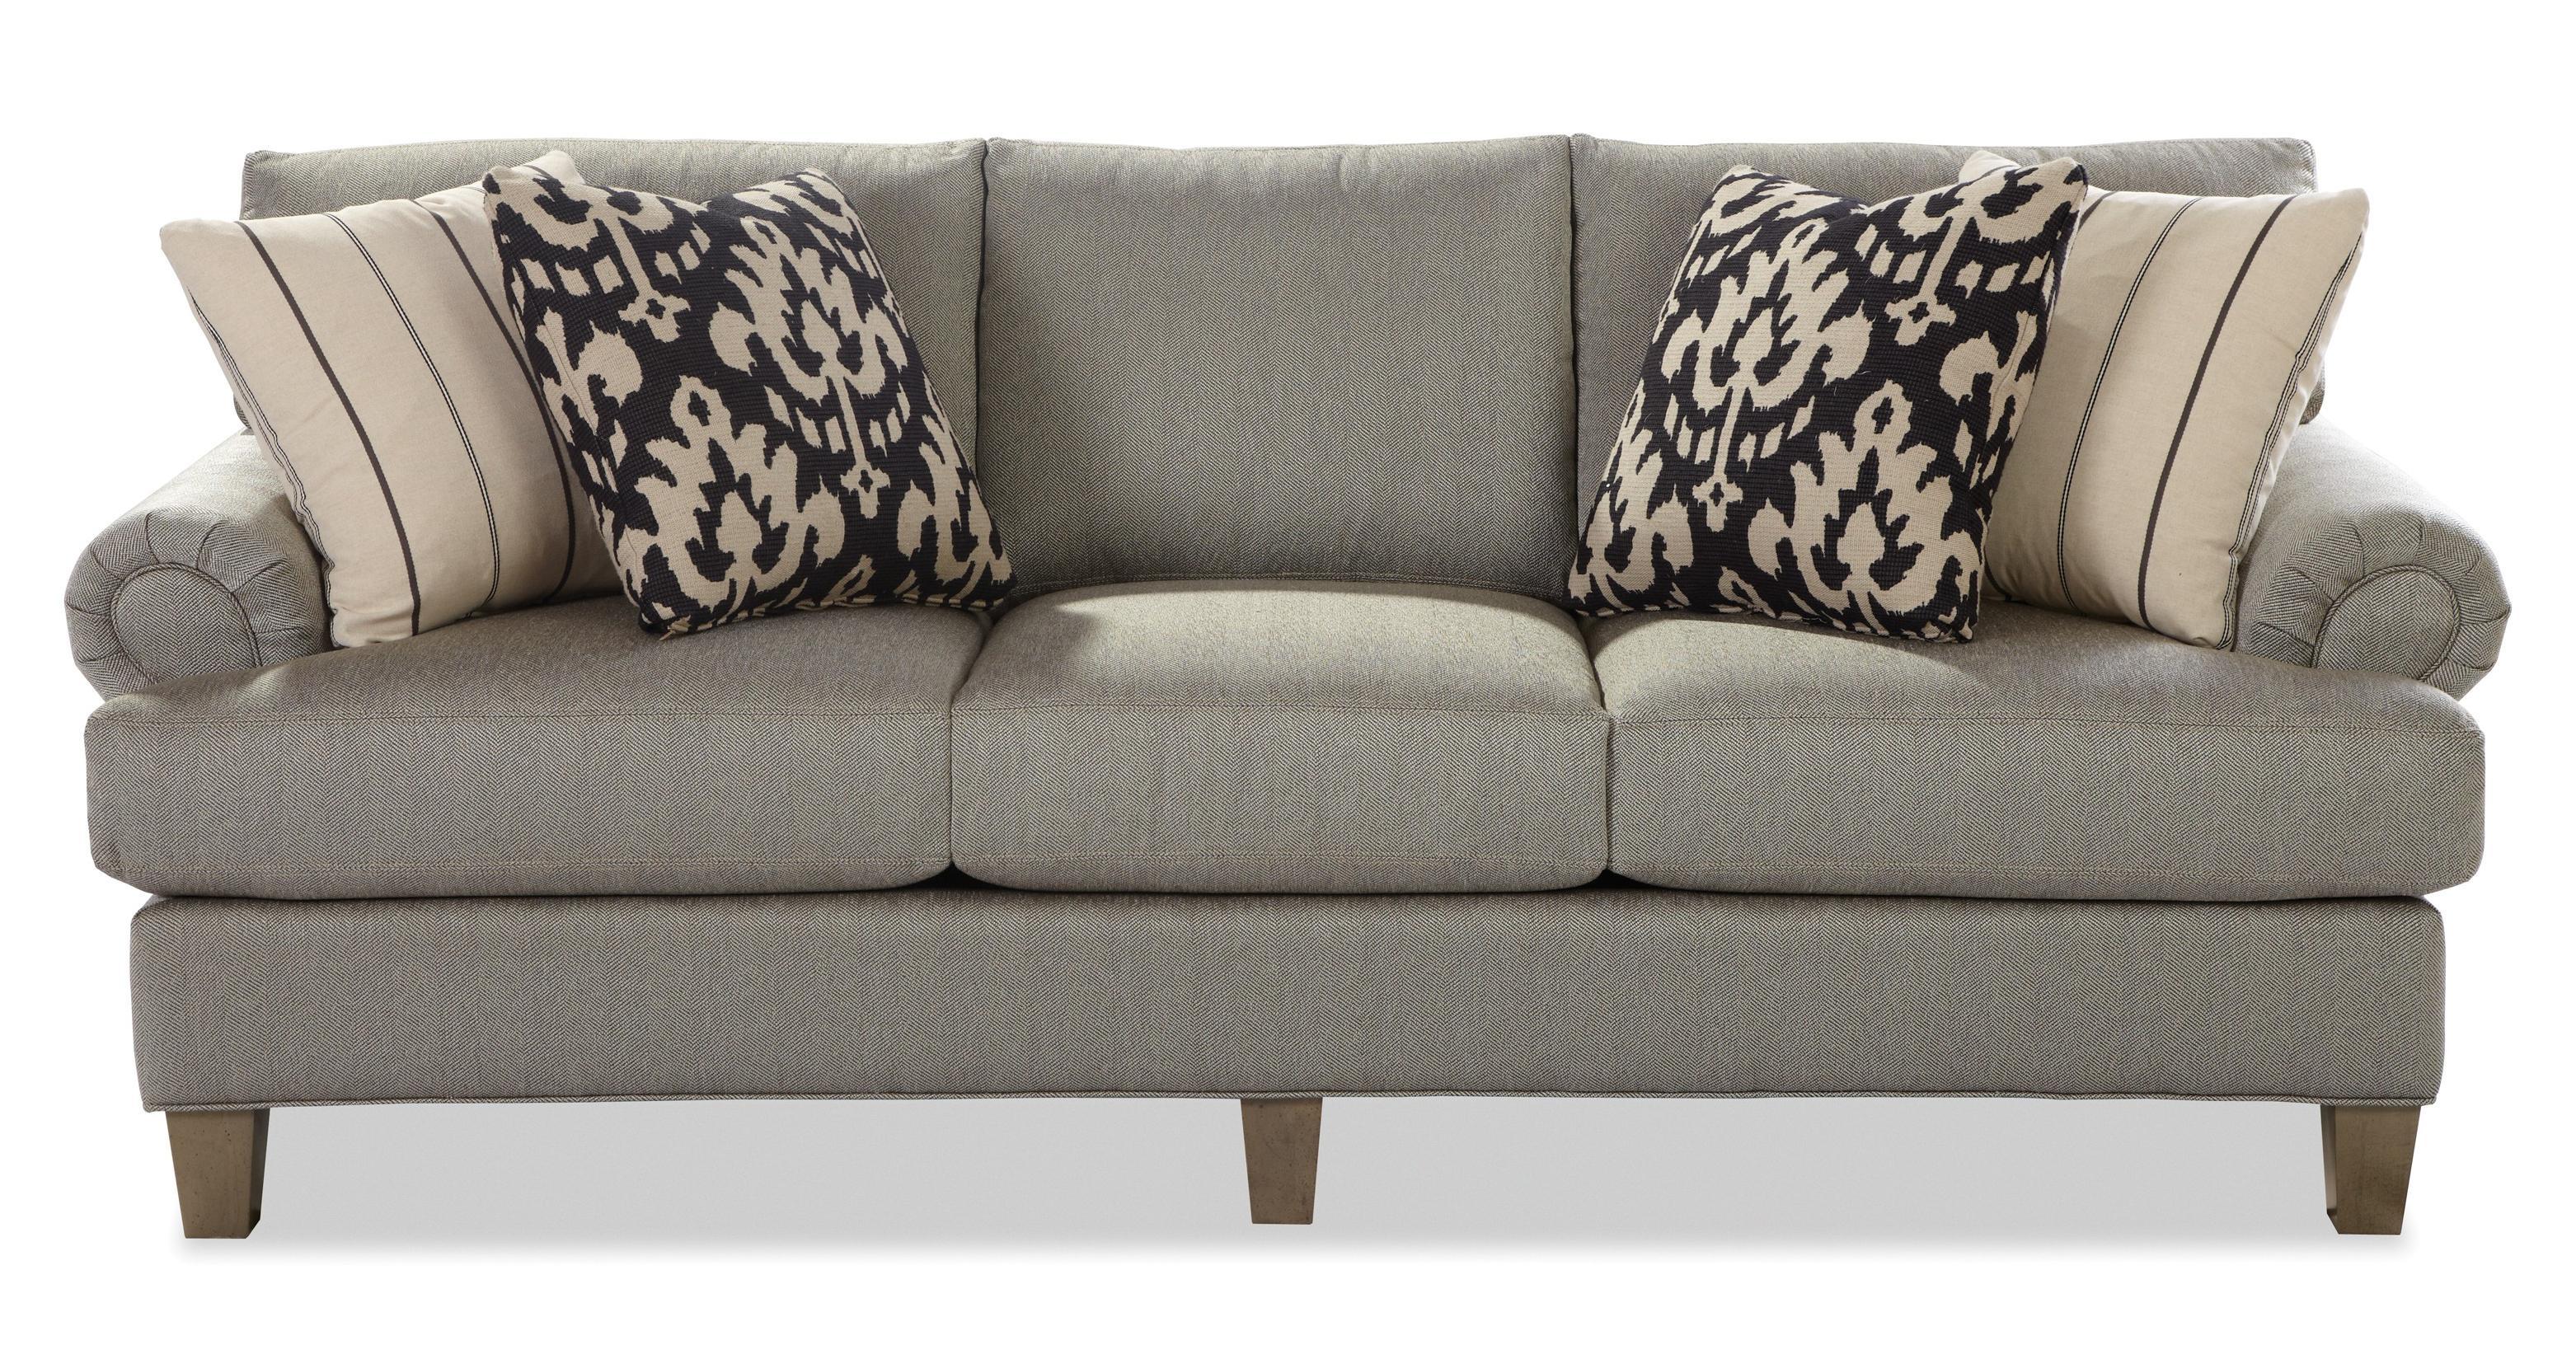 Transitional sofas furniture wwwenergywardennet for Transitional sectional sofa sleeper